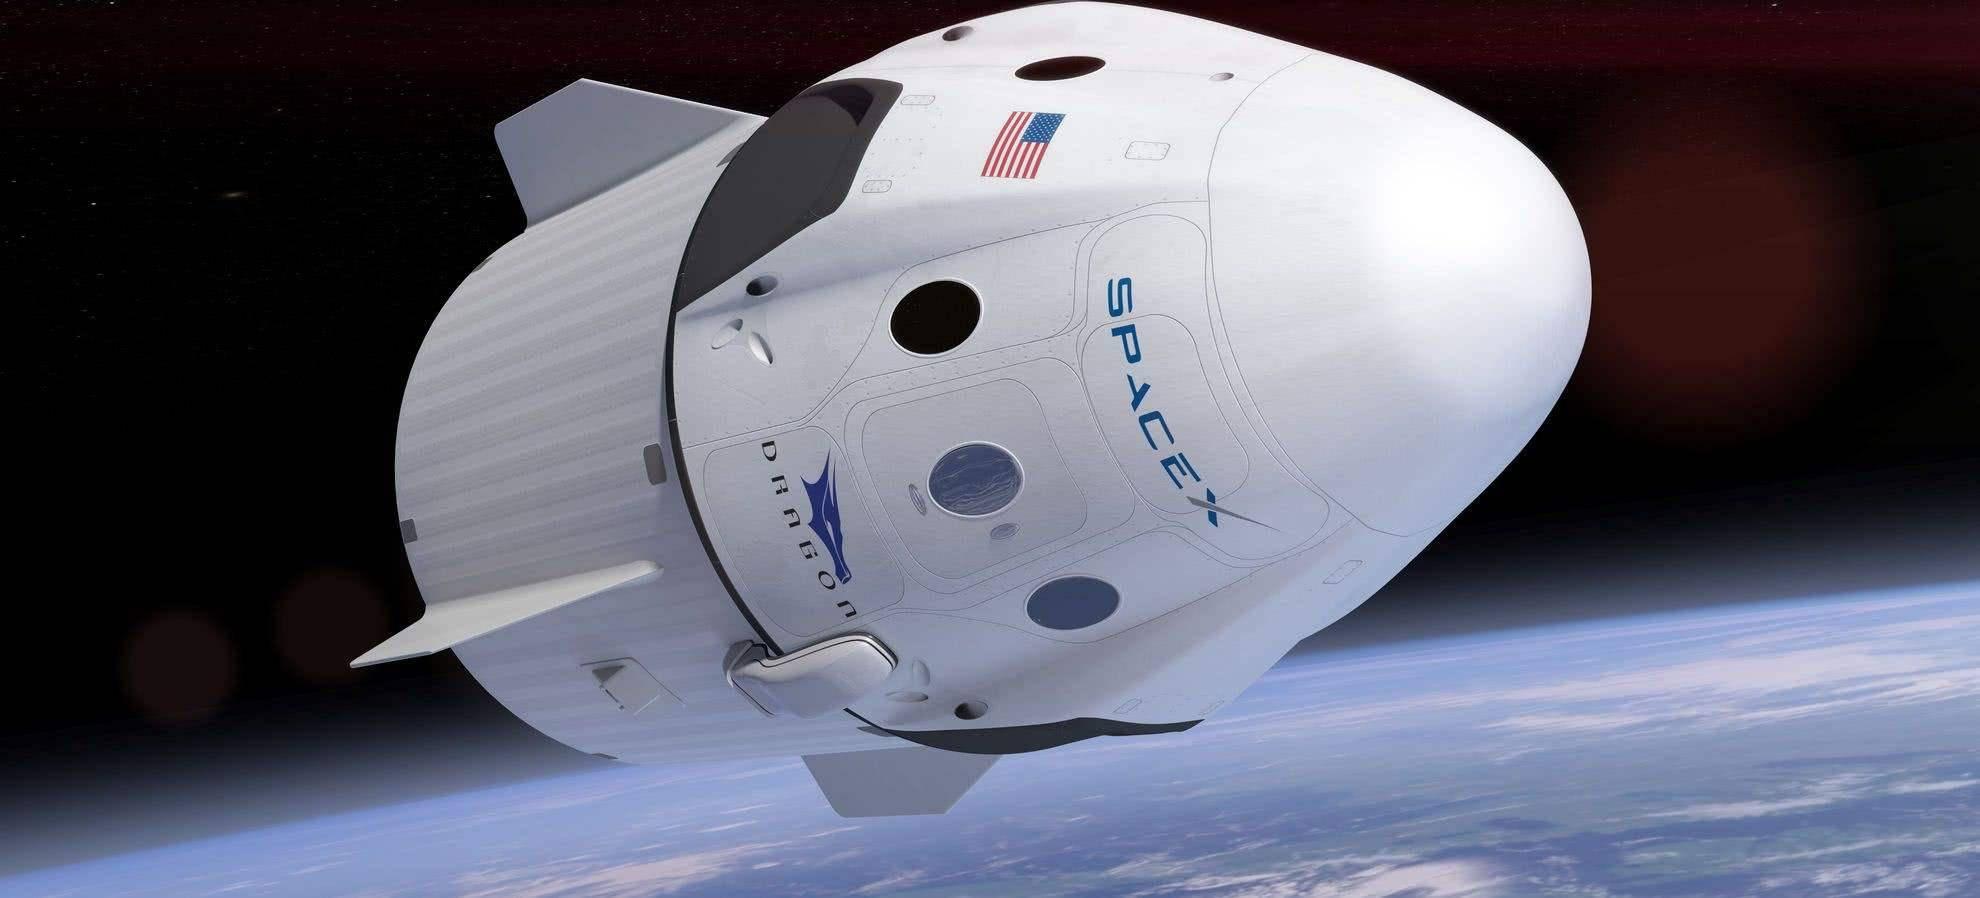 準備就緒: SpaceX載人飛船即將進行首飛